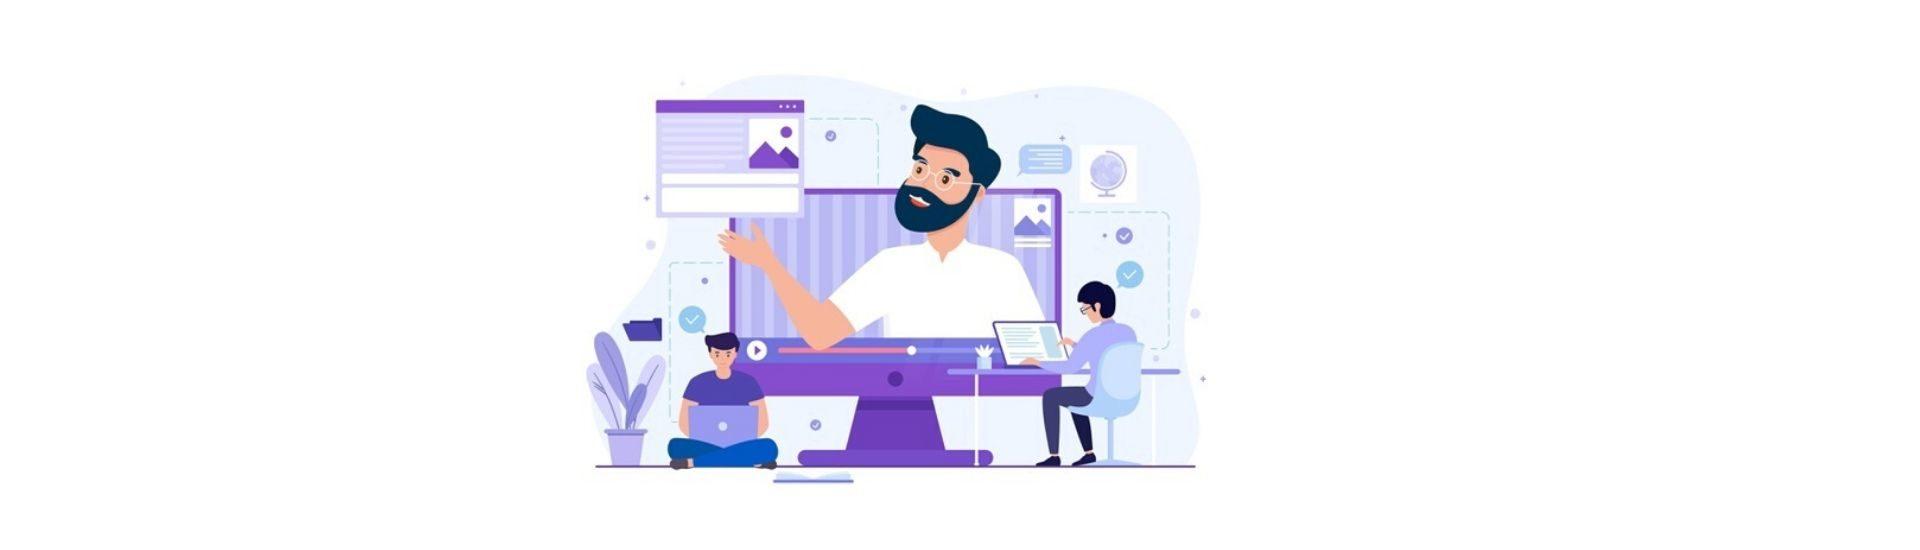 Profesor y estudiante participando en una clase online